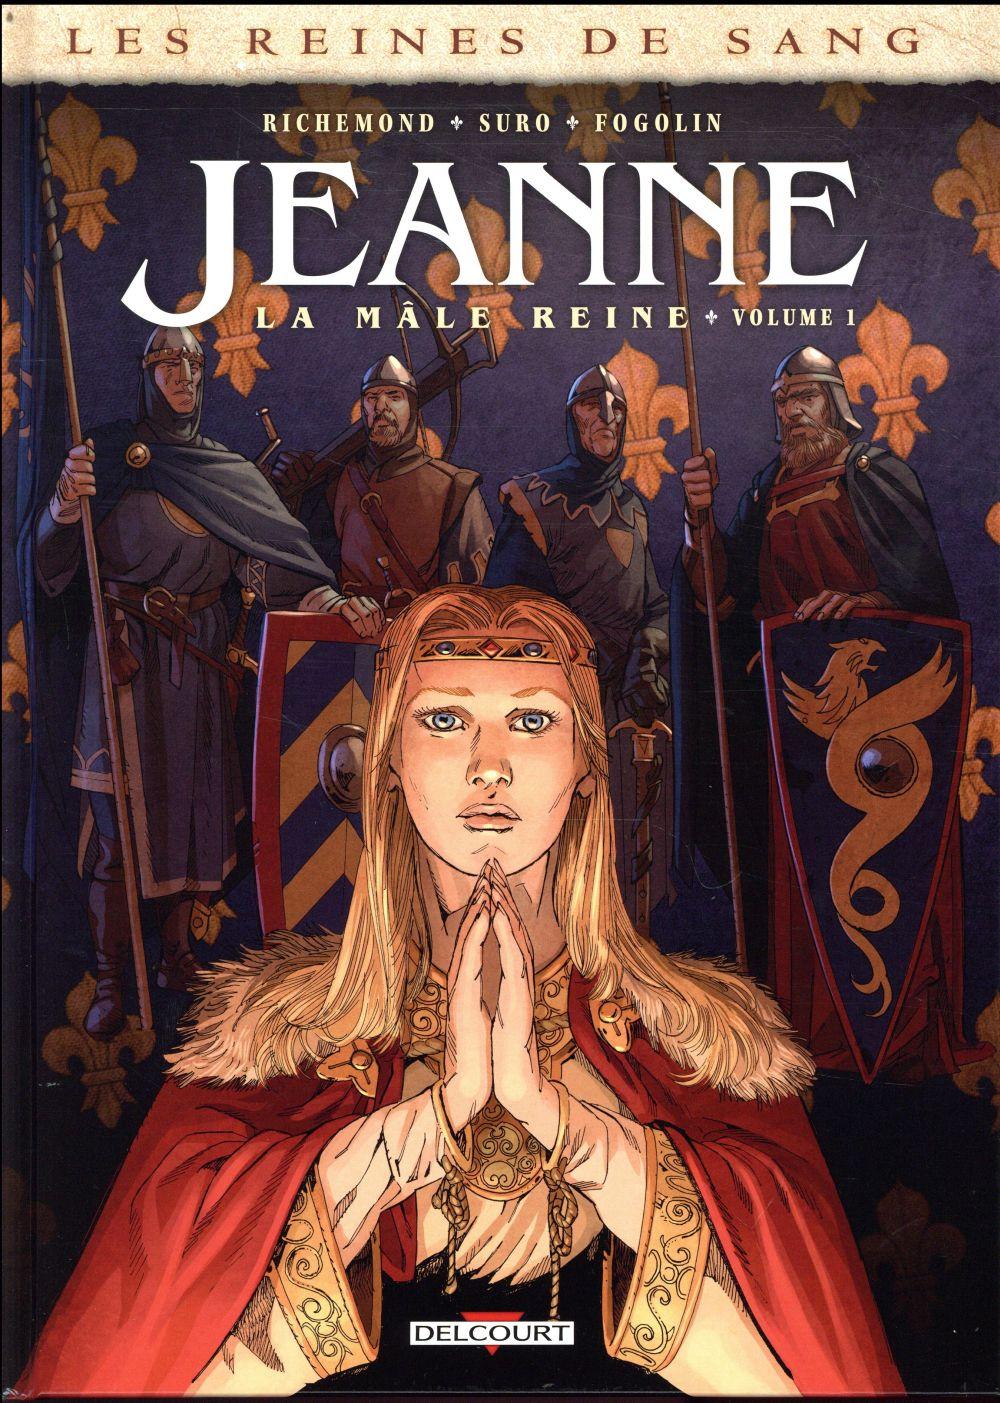 LES REINES DE SANG - JEANNE, LA MALE REINE T01